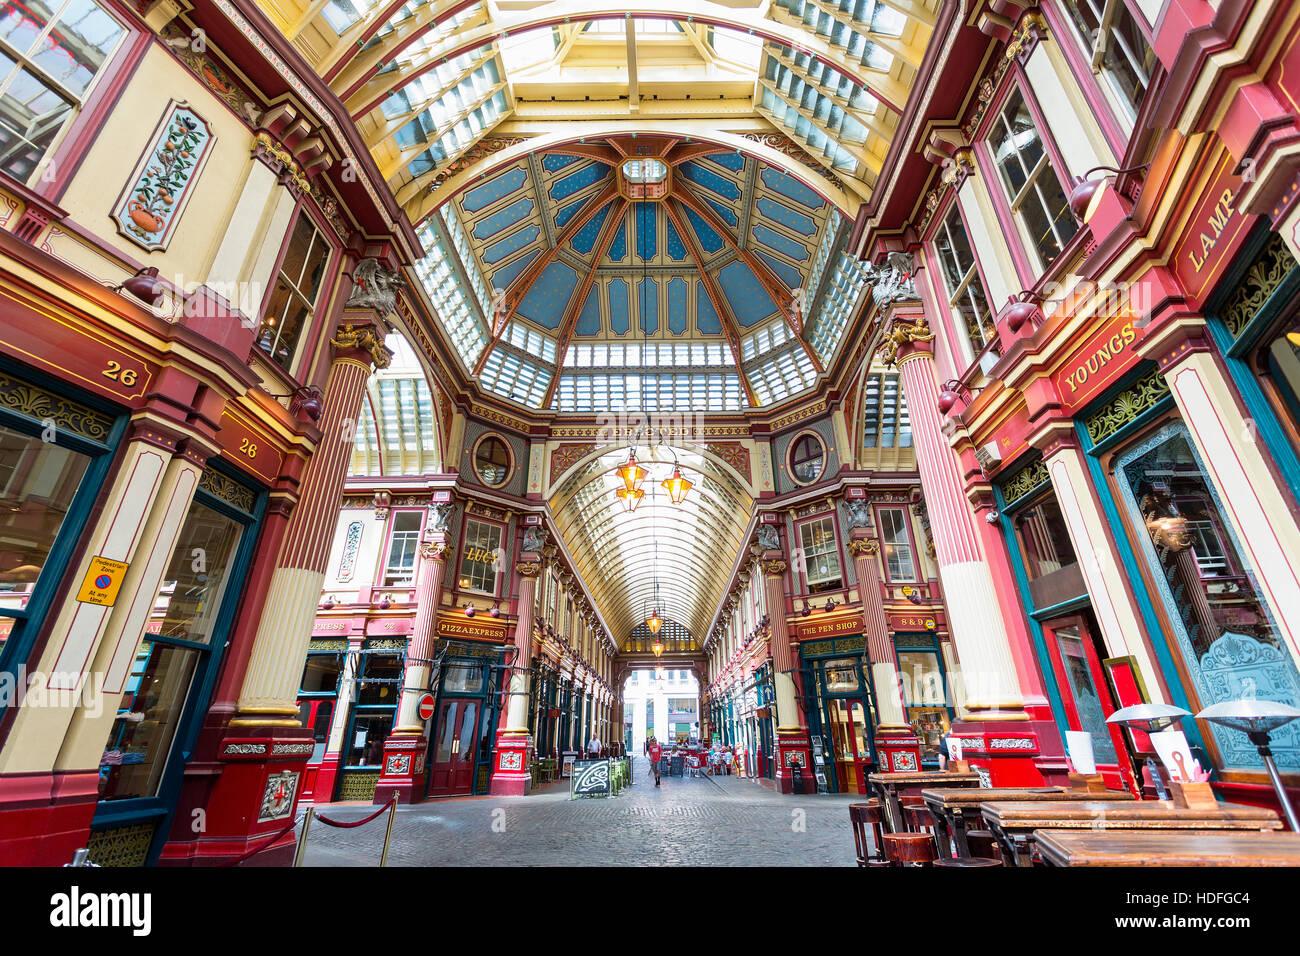 Londra - Vista interna del mercato Leadenhall, Gracechurch Street, il 25 agosto, 20116 a Londra, Regno Unito, il Immagini Stock